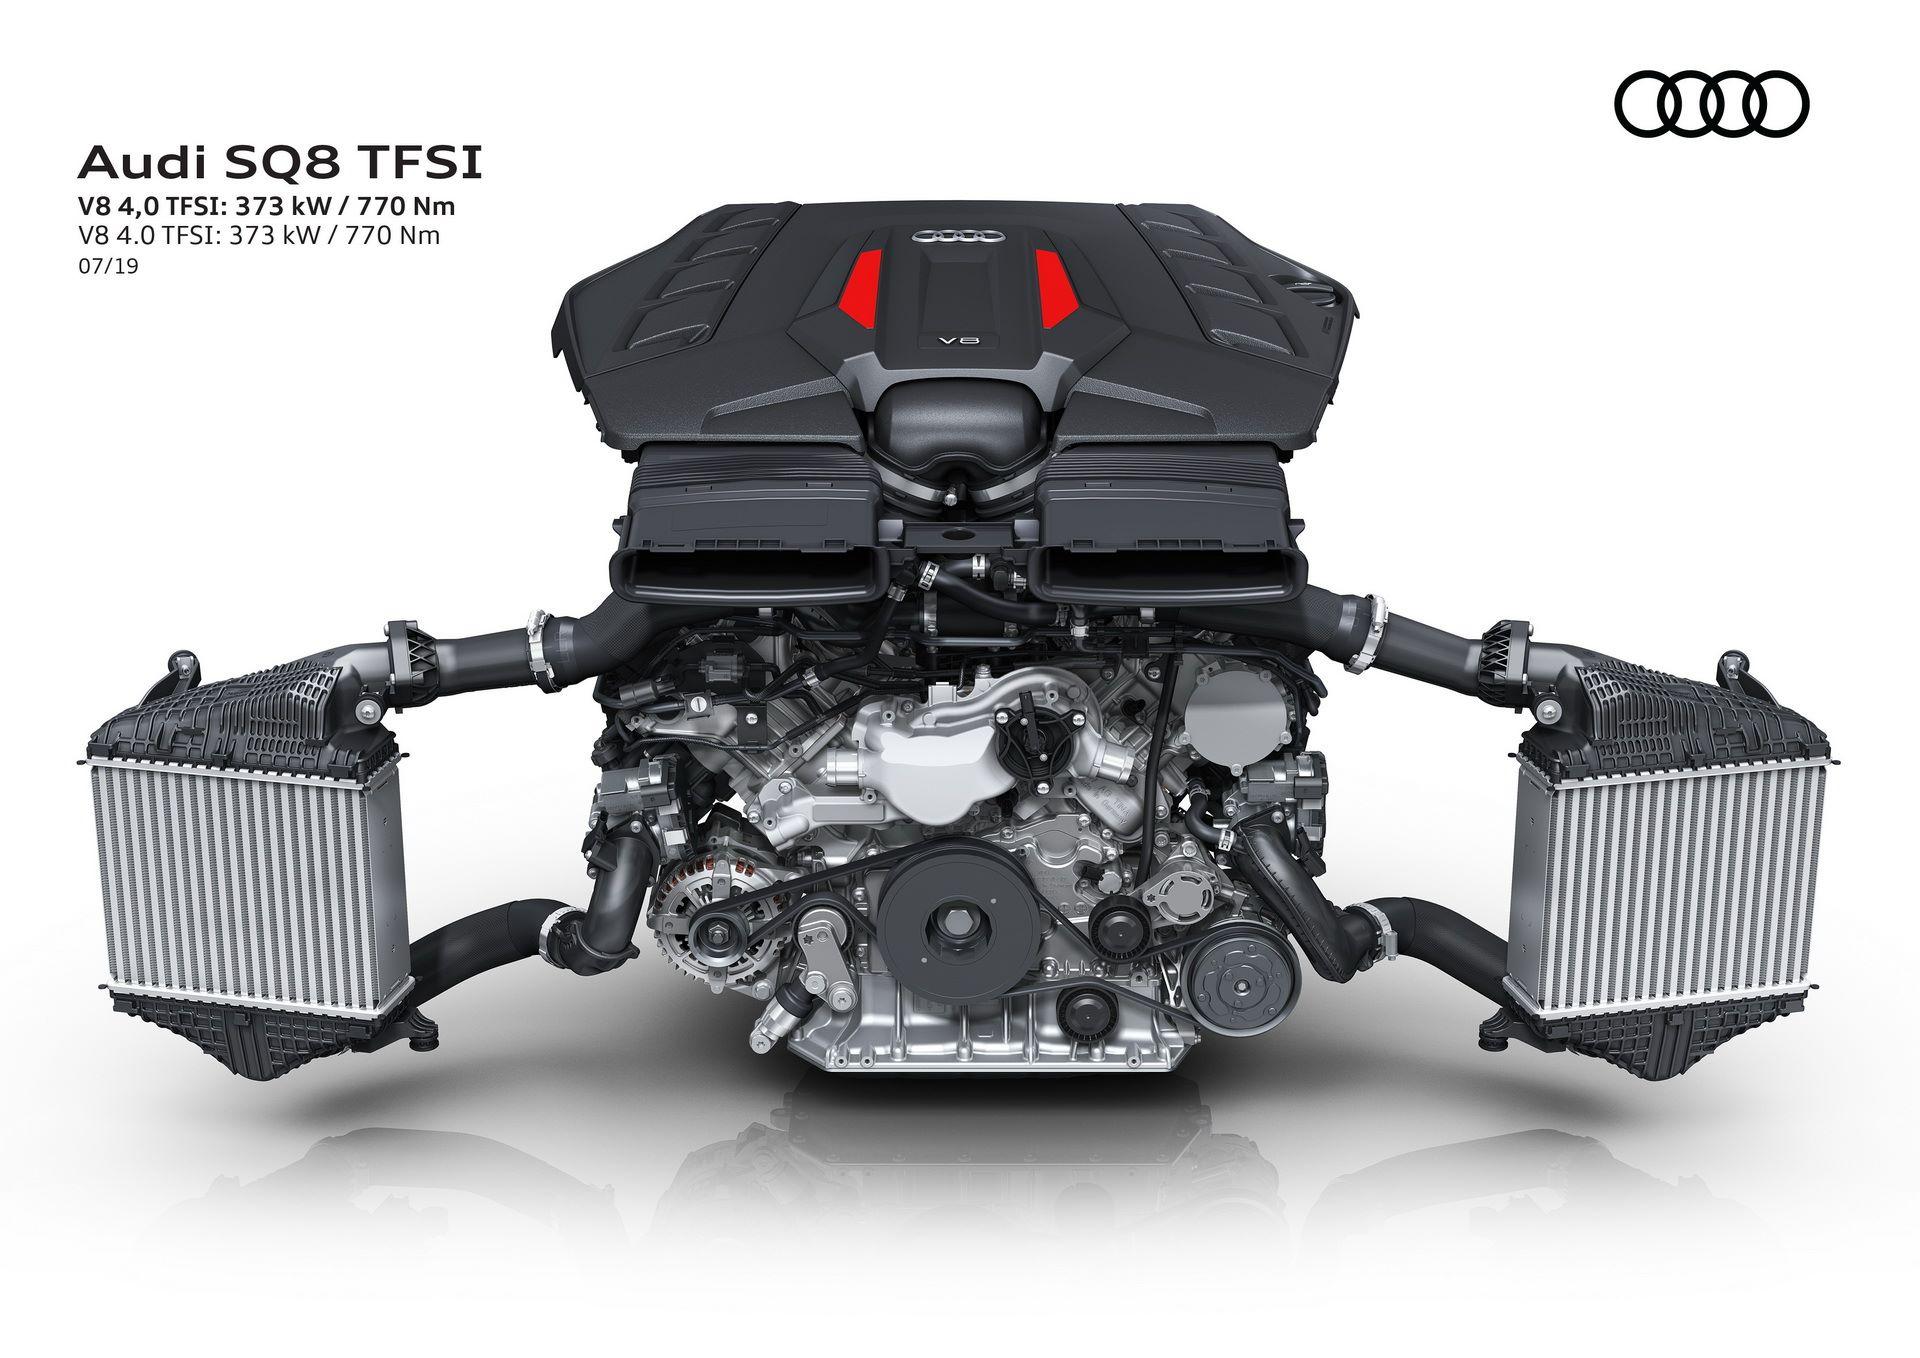 audi-sq7-sq8-v8-tfsi-engine-12